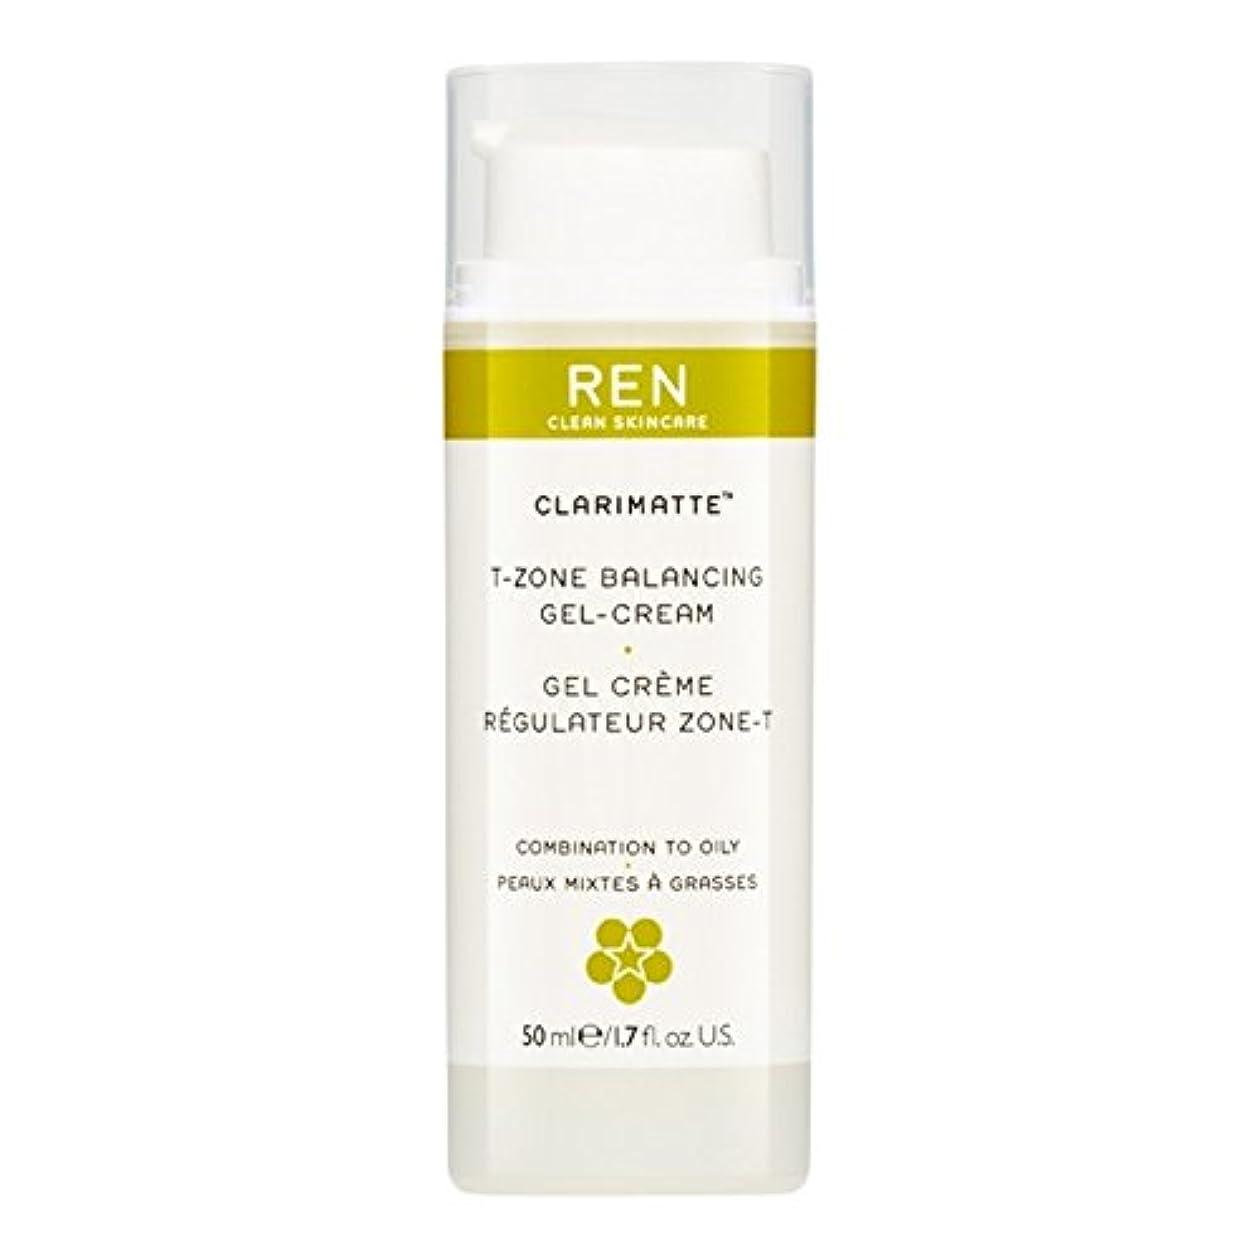 土地元気な長椅子Ren Clarimatte Tゾーンバランシングジェルクリーム、50ミリリットル (REN) (x6) - REN Clarimatte T-Zone Balancing Gel Cream, 50ml (Pack of 6) [並行輸入品]